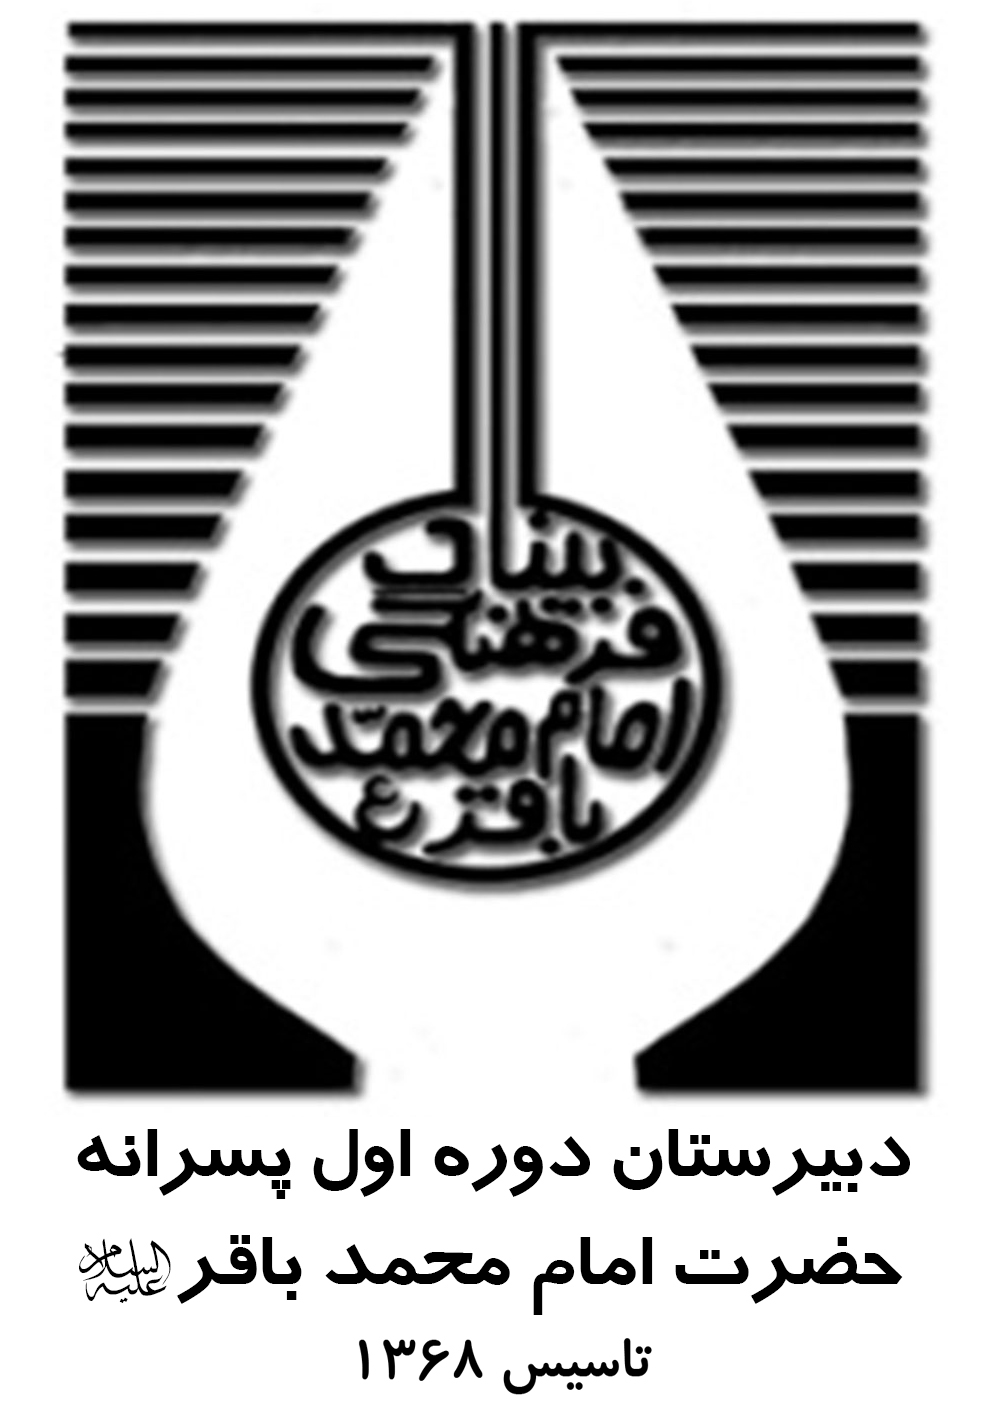 لوگوی دبیرستان دوره اول امام محمد باقر(ع) شعبه 1